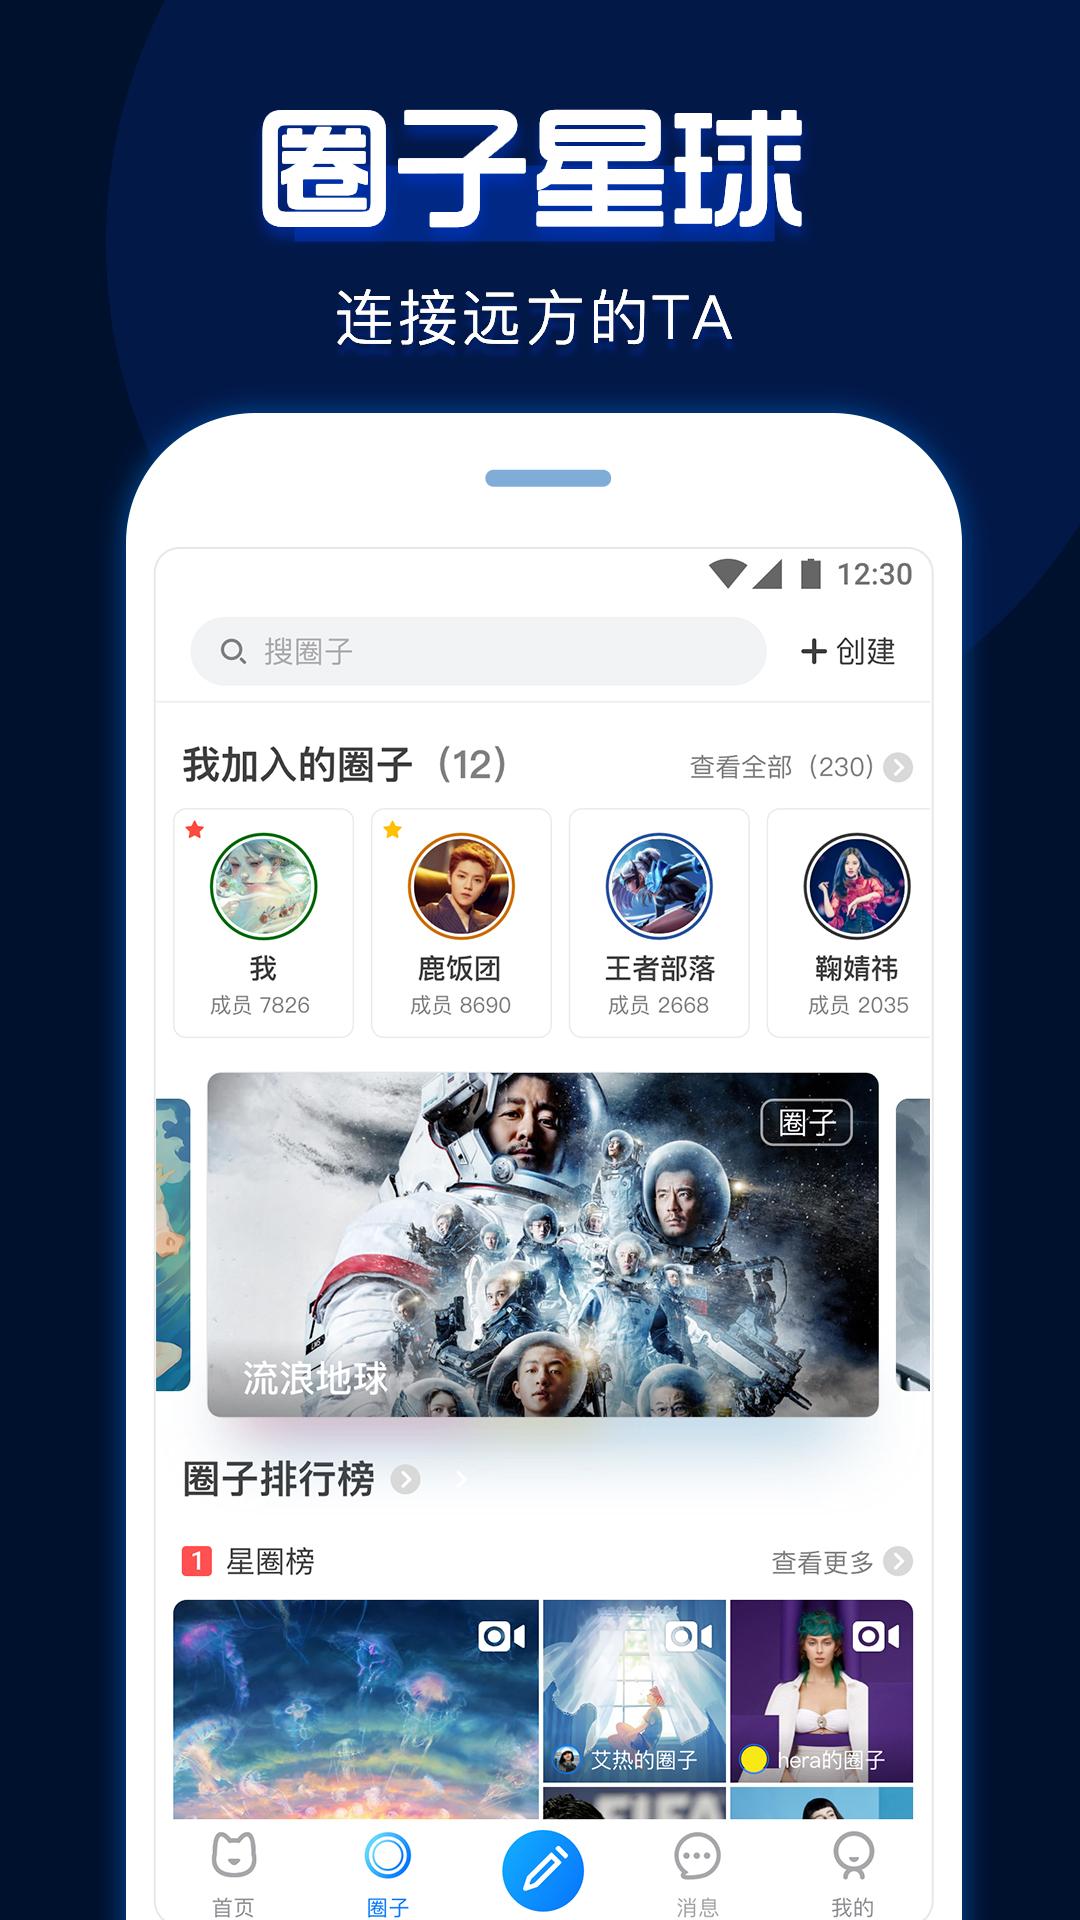 2019全新上线的聊天交友app截图